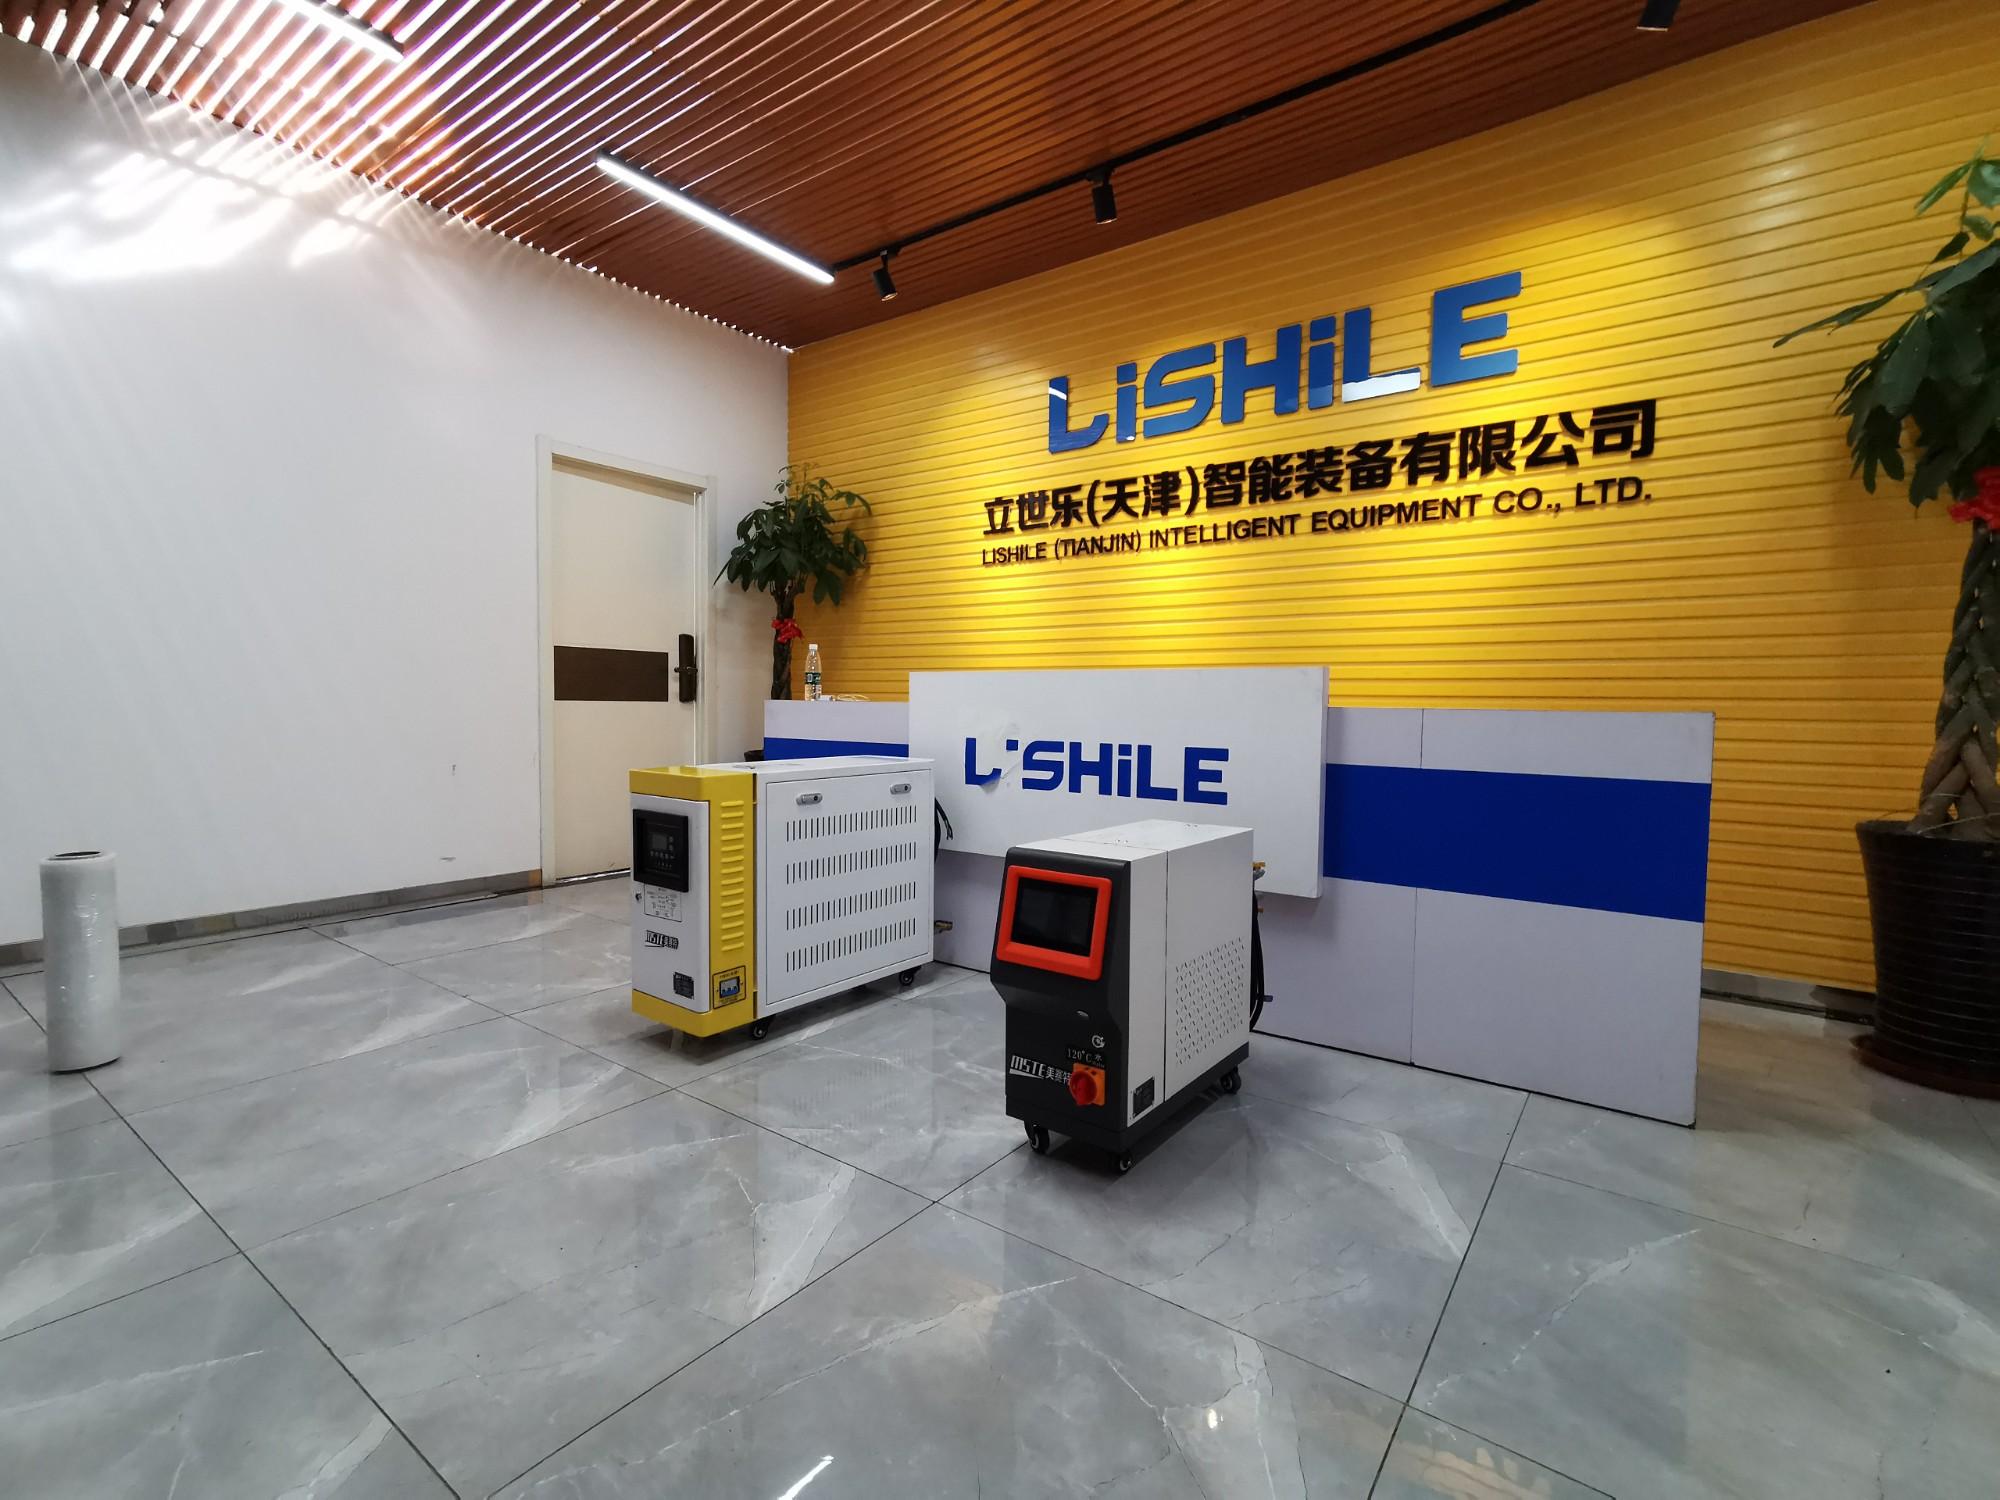 LISHILE (Tianjin) Intelligent Equipment Co., Ltd.